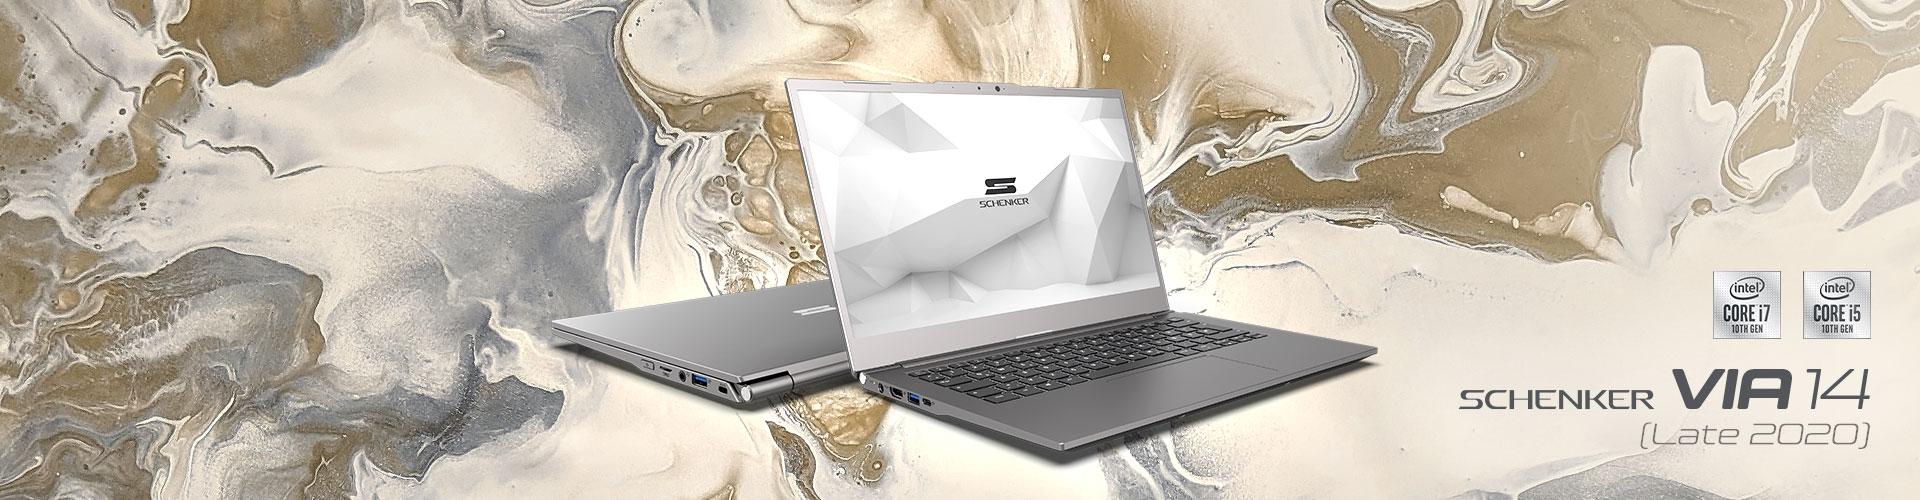 SCHENKER VIA 14 (LATE 2020) Ultrabook mit bis zu 14 Stunden Akkulaufzeit